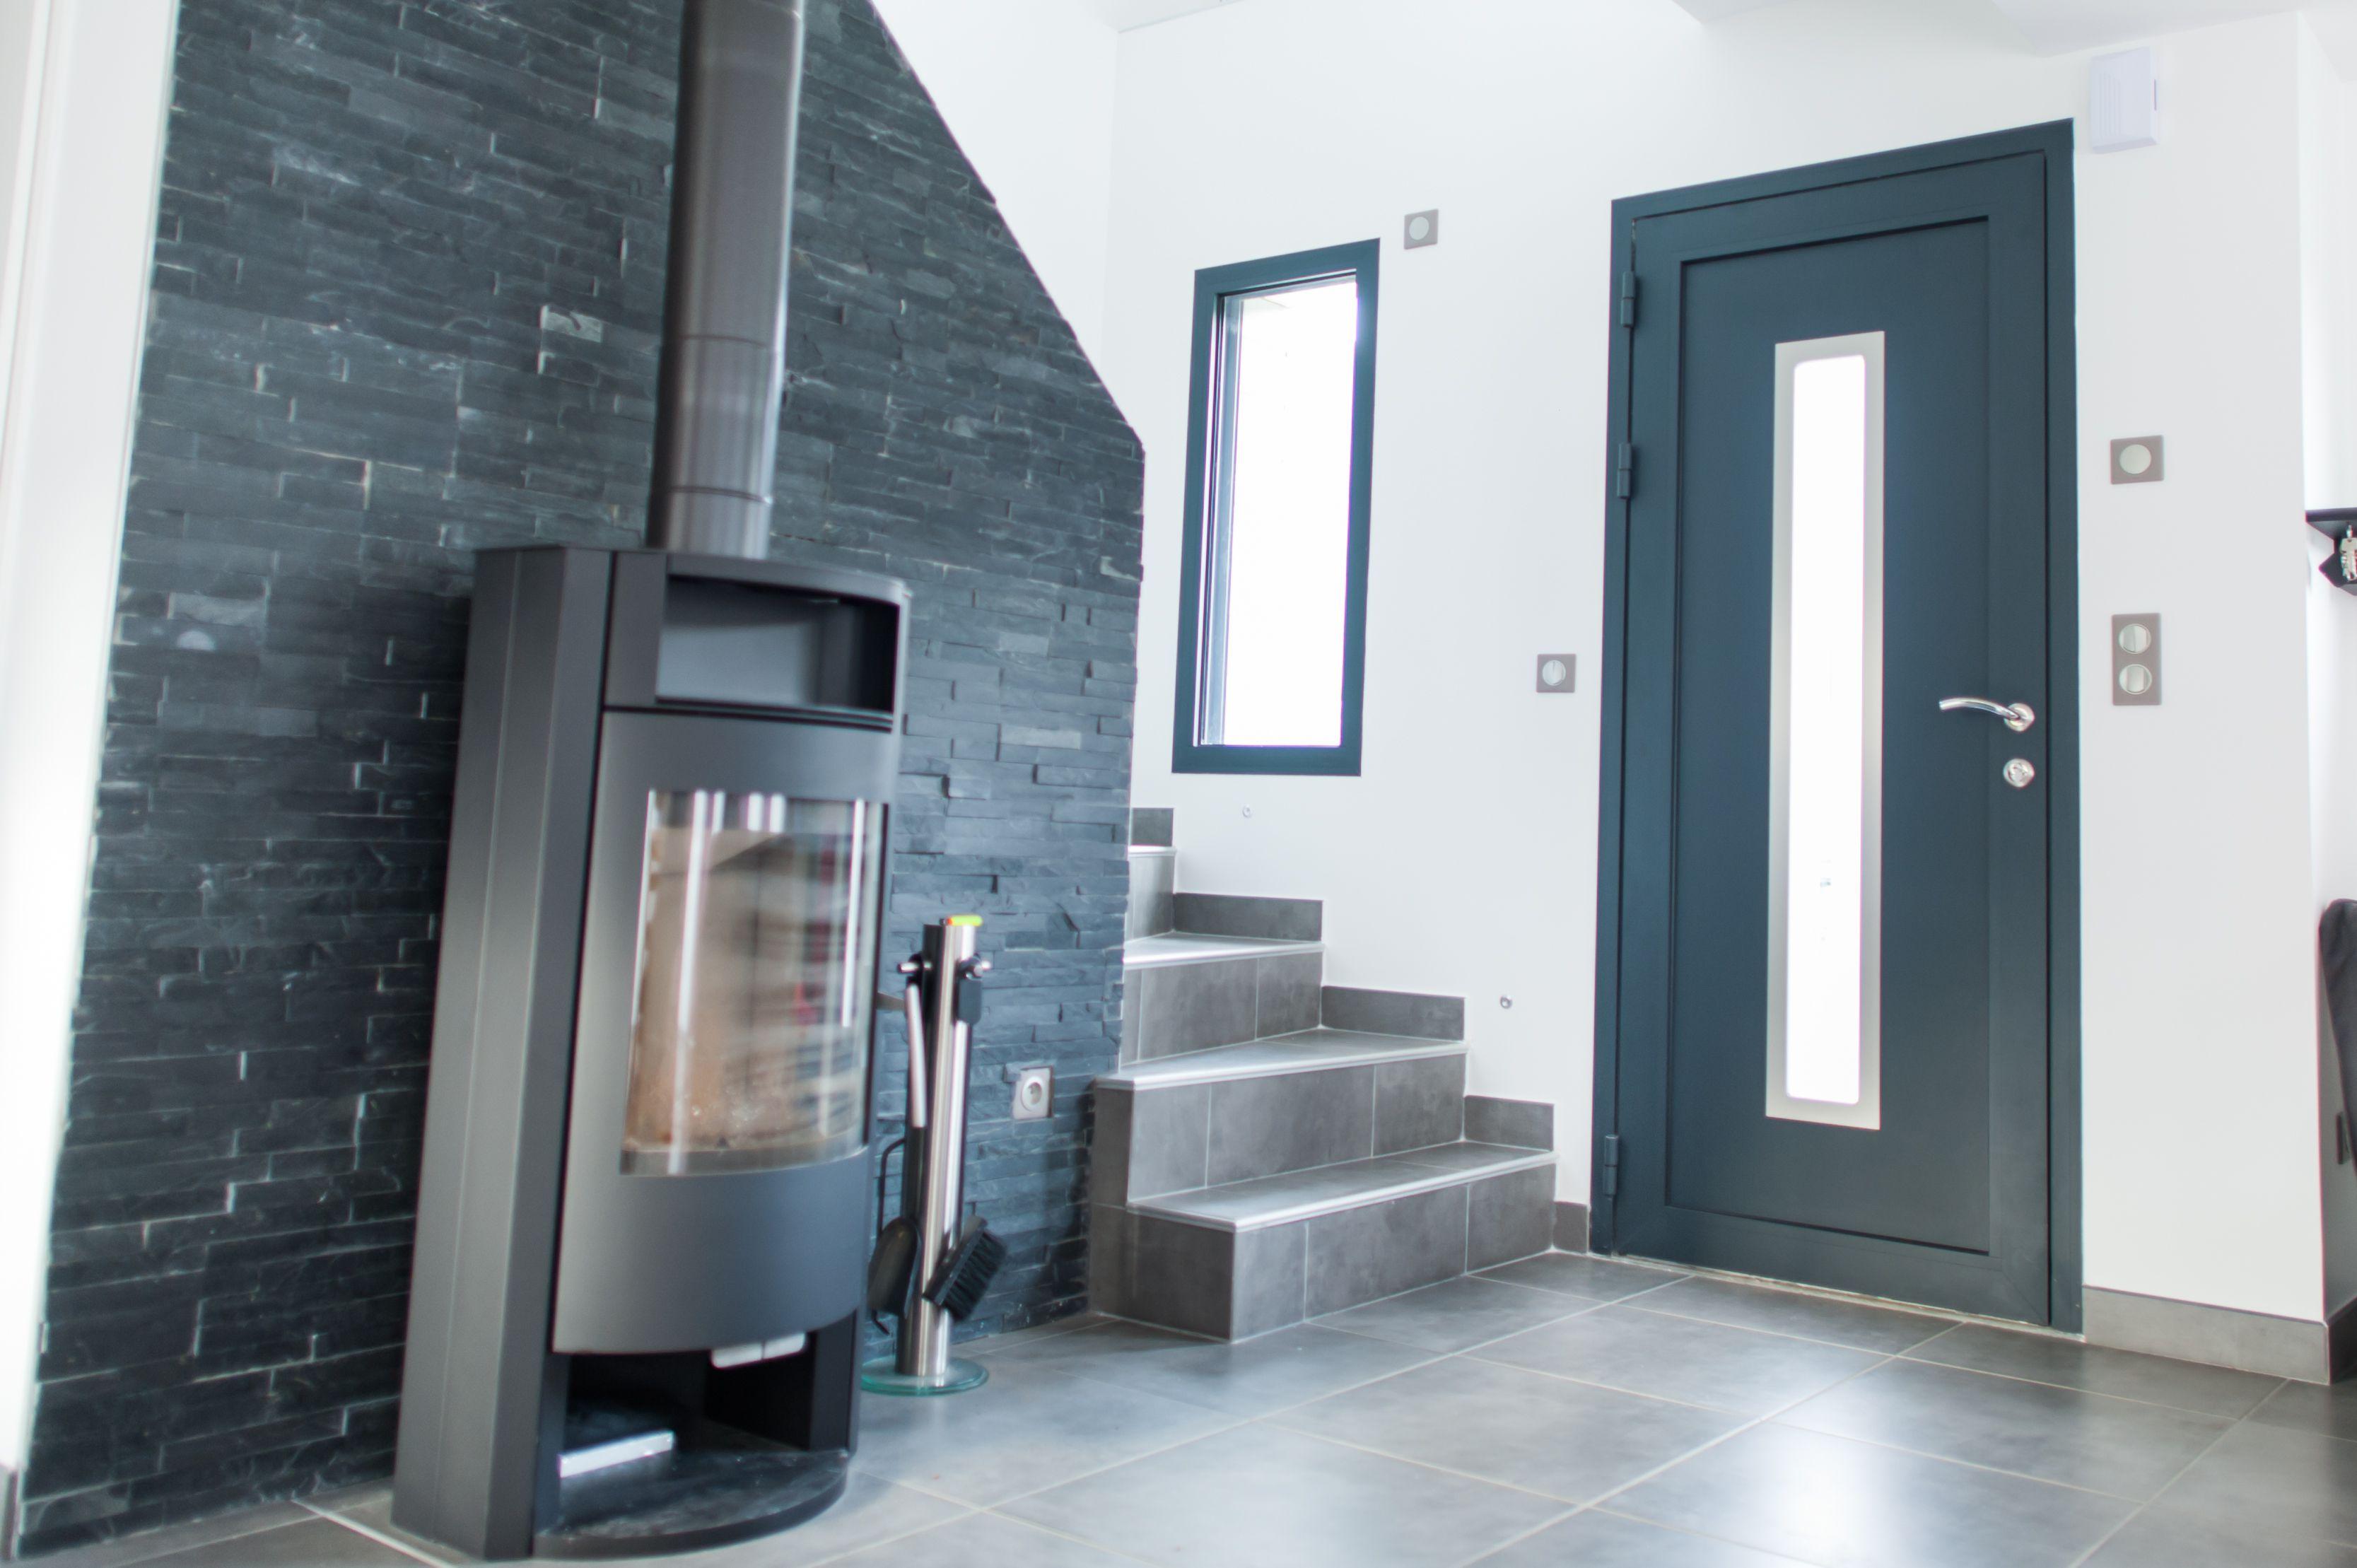 risparmio energetico serramenti alluminio